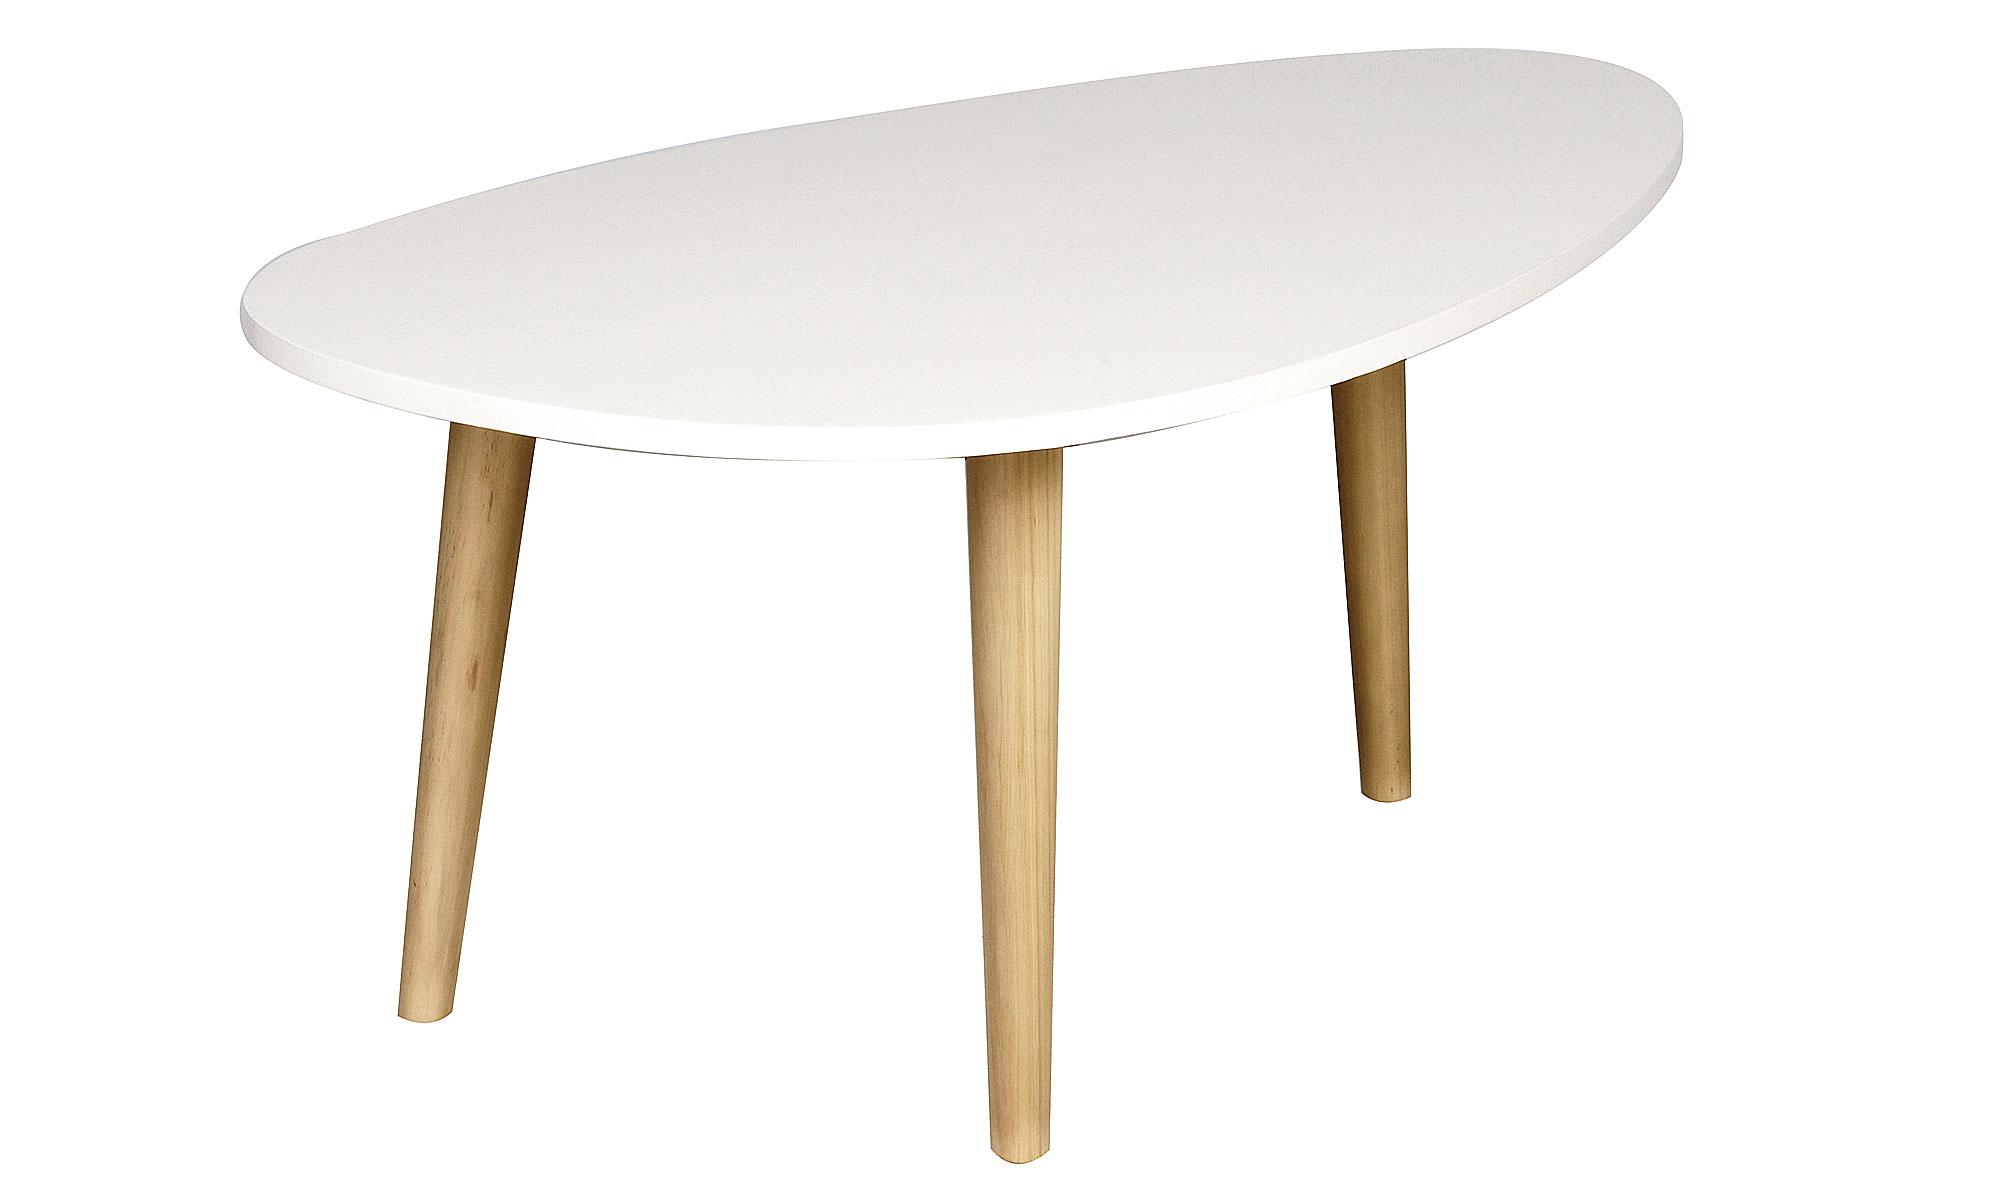 mesa de centro ovalada moderna nordic no disponible en